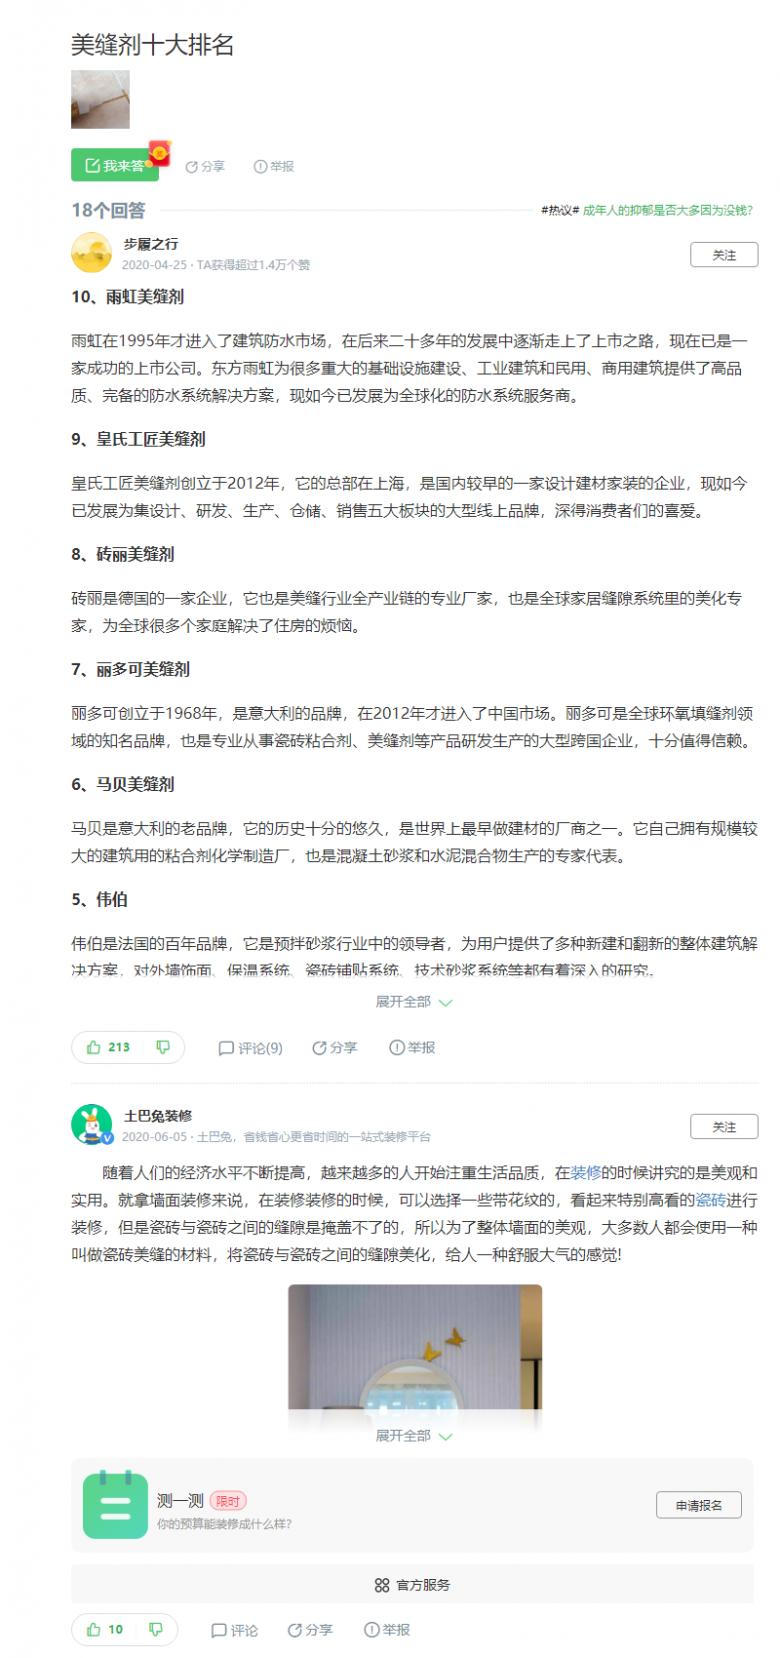 """十大美缝剂品牌排行榜_""""中国十大品牌""""排行榜揭晓德高美家连夺5项殊荣"""